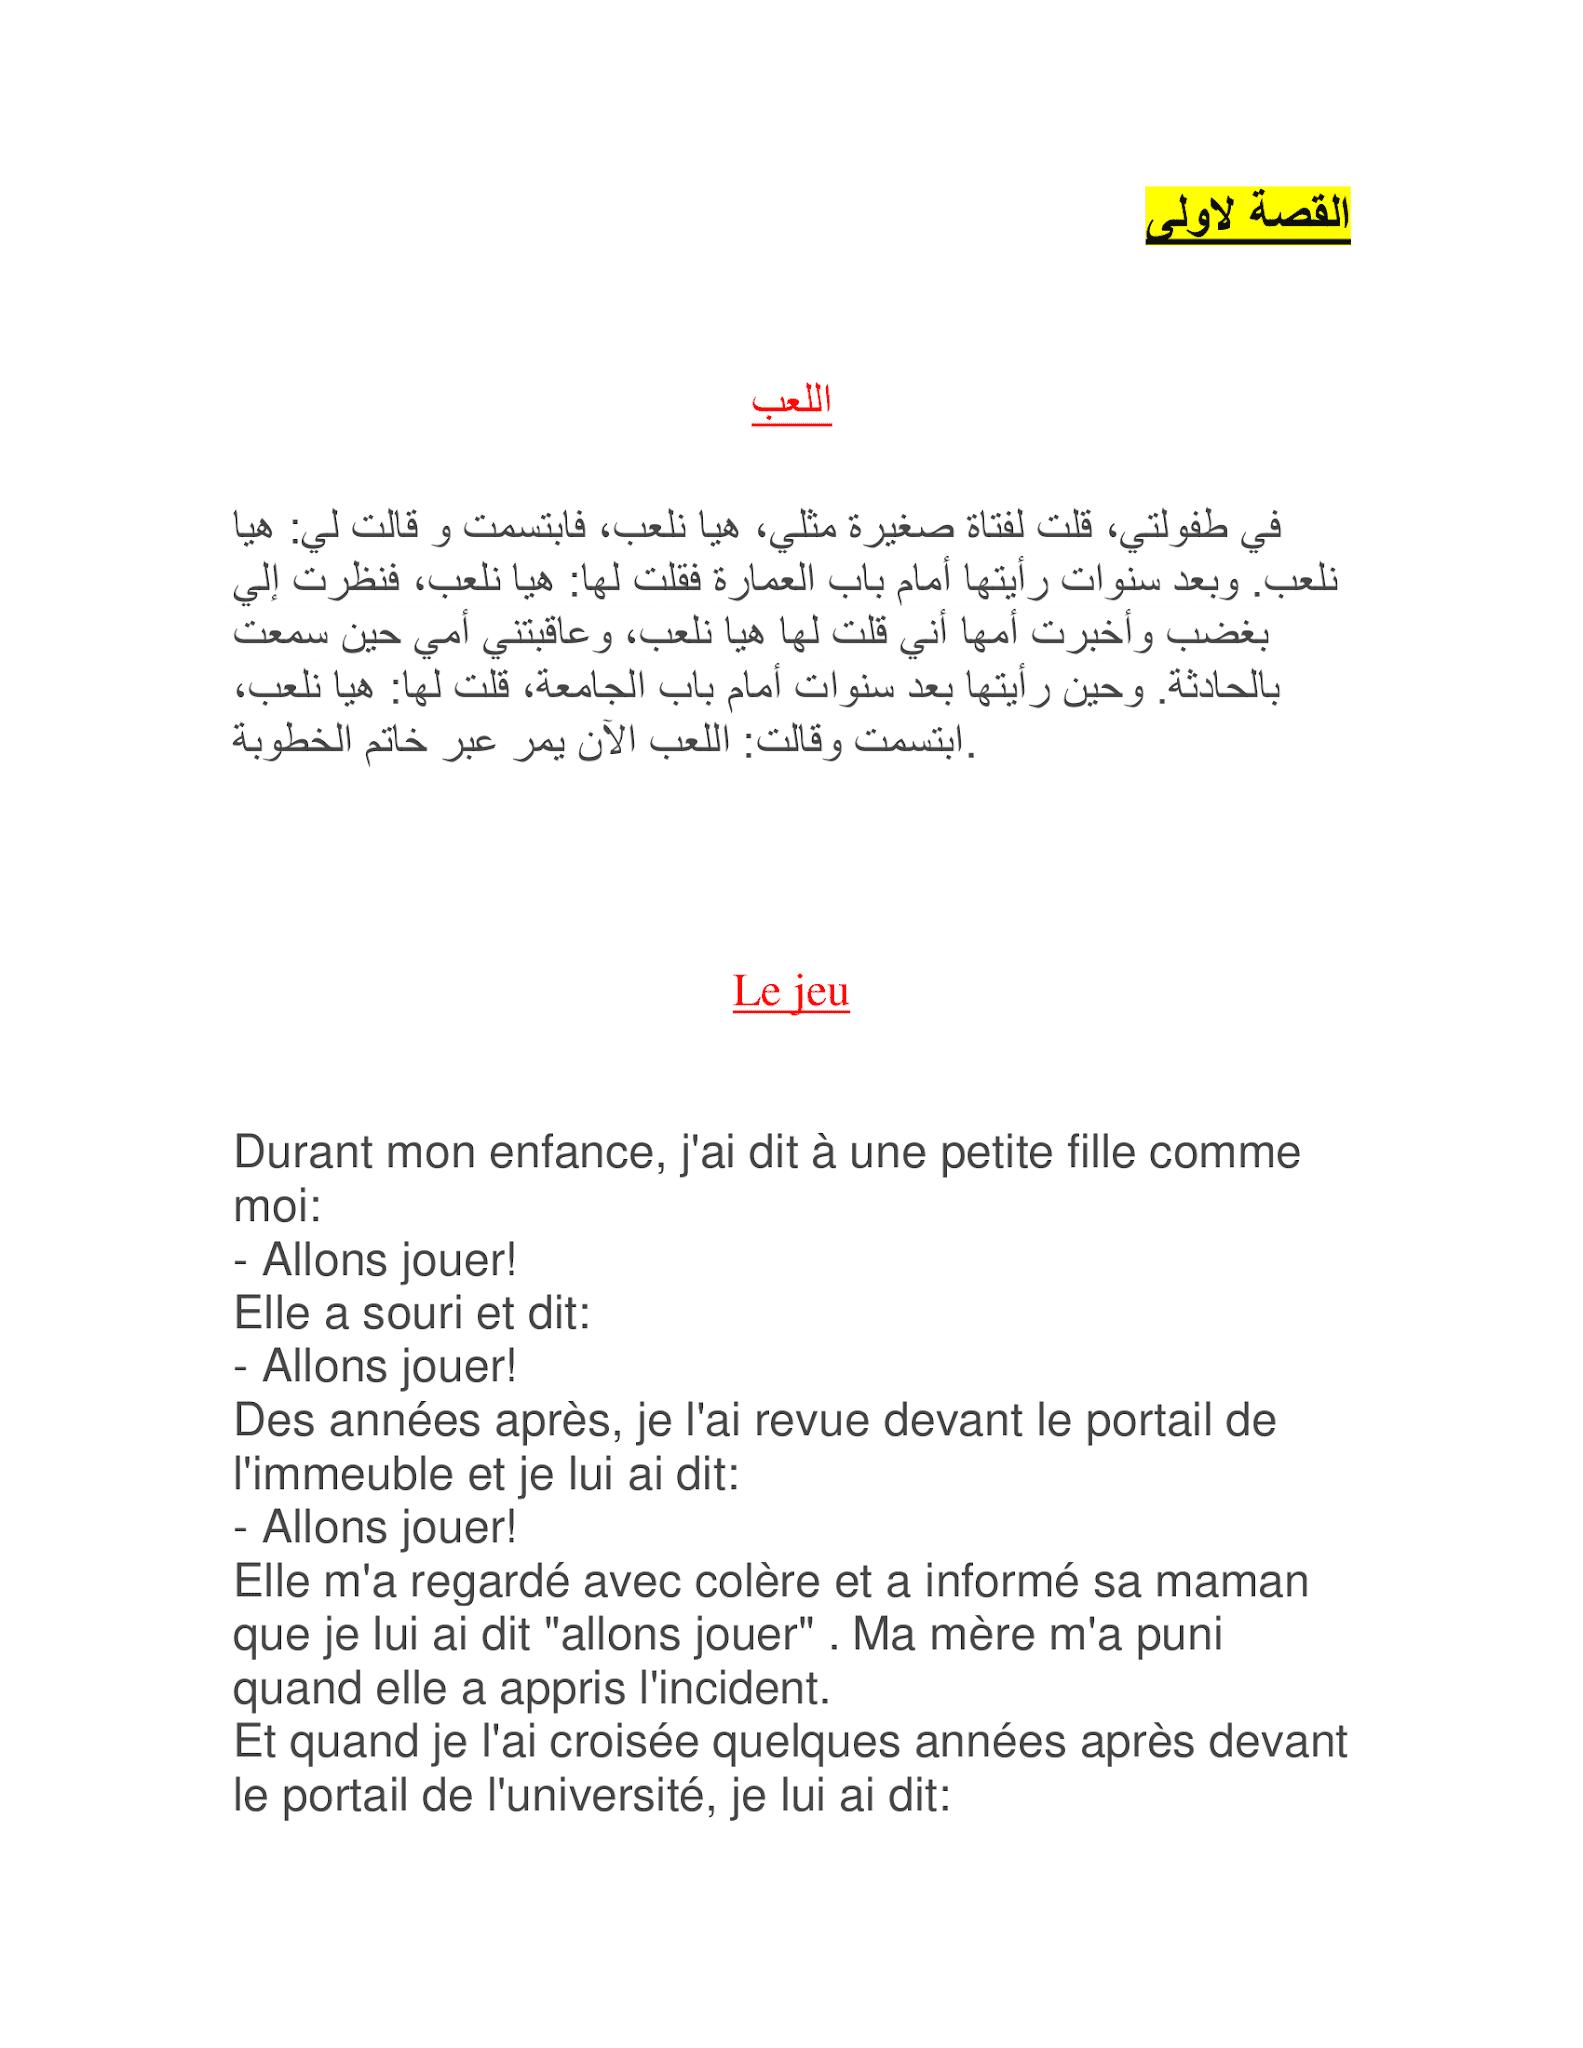 صور بها 8 قصص مترجمة من العربية الى الفرنسية